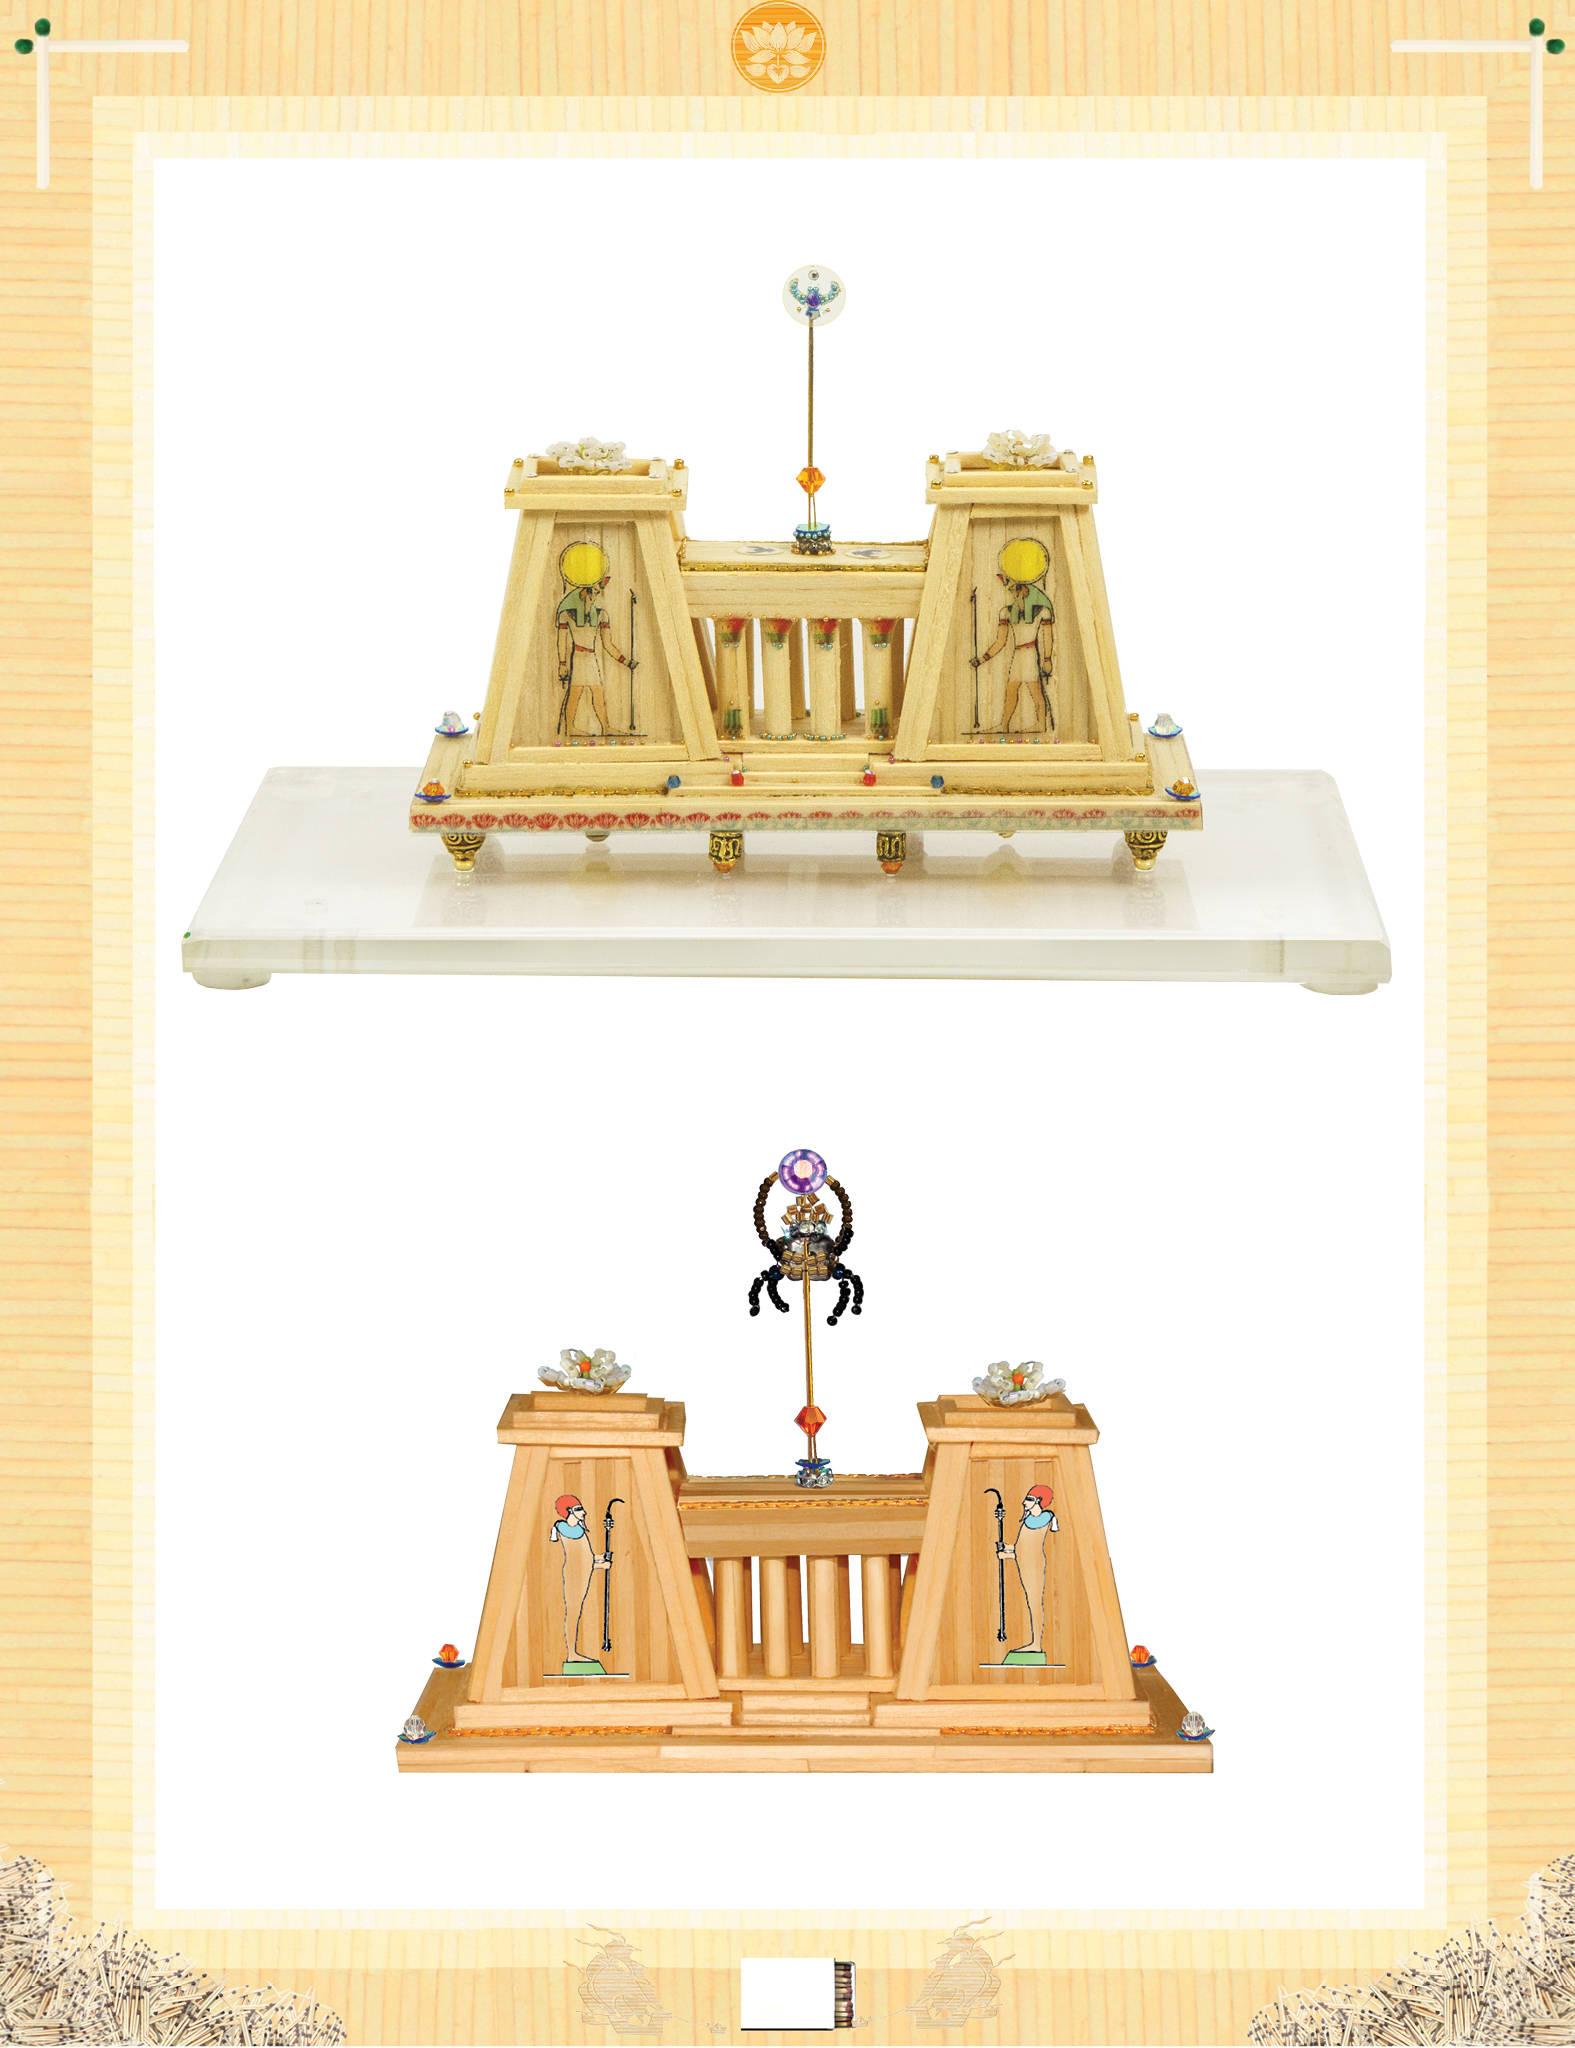 «ВОРОТА РА»  2009,2016 Спички, бусины и клеевые стразы Swarovski,  бисер,   бусины, стеклярус,   цепочки,    компьютерная графика. 45 x 110 x 80 мм. Вес – 0,45 кг.  РА – верховное божество, бог Солнца в Египте. Композиция «Ворота РА» открывает коллекцию миниатюрных храмов не случайно. Египет, как одна из колыбелей человечества, оказал и продолжает оказывать огромное влияние на религиозную, культурную и научную жизнь людей.   На создание этой работы авторов равно вдохновляли, как сохранившиеся архитектурные комплексы Фив и Луксора, так и реконструкции храмов Амарны и более поздних эпох.  Спичечную основу сооружения украшают выплетенные из бисера наиболее важные символы египетского пантеона: знаки «Анх» (египетский крест, означающий вечную жизнь, высшую мудрость, единство земного и Небесного), лотосы (символ чистоты, вырастающей из грязи), Хапри (восходящее солнце), изображения двух важнейших божеств – Ра и Птаха. ВОРОТА РА ~ GATES OF RA ~ БРАМА РА https://www.youtube.com/watch?v=bXojXCjF_ow  Данная работа является частью коллекции-выставки «БОГ НА ЛАДОНИ». https://www.youtube.com/watch?v=rqbpoZNqwMQ